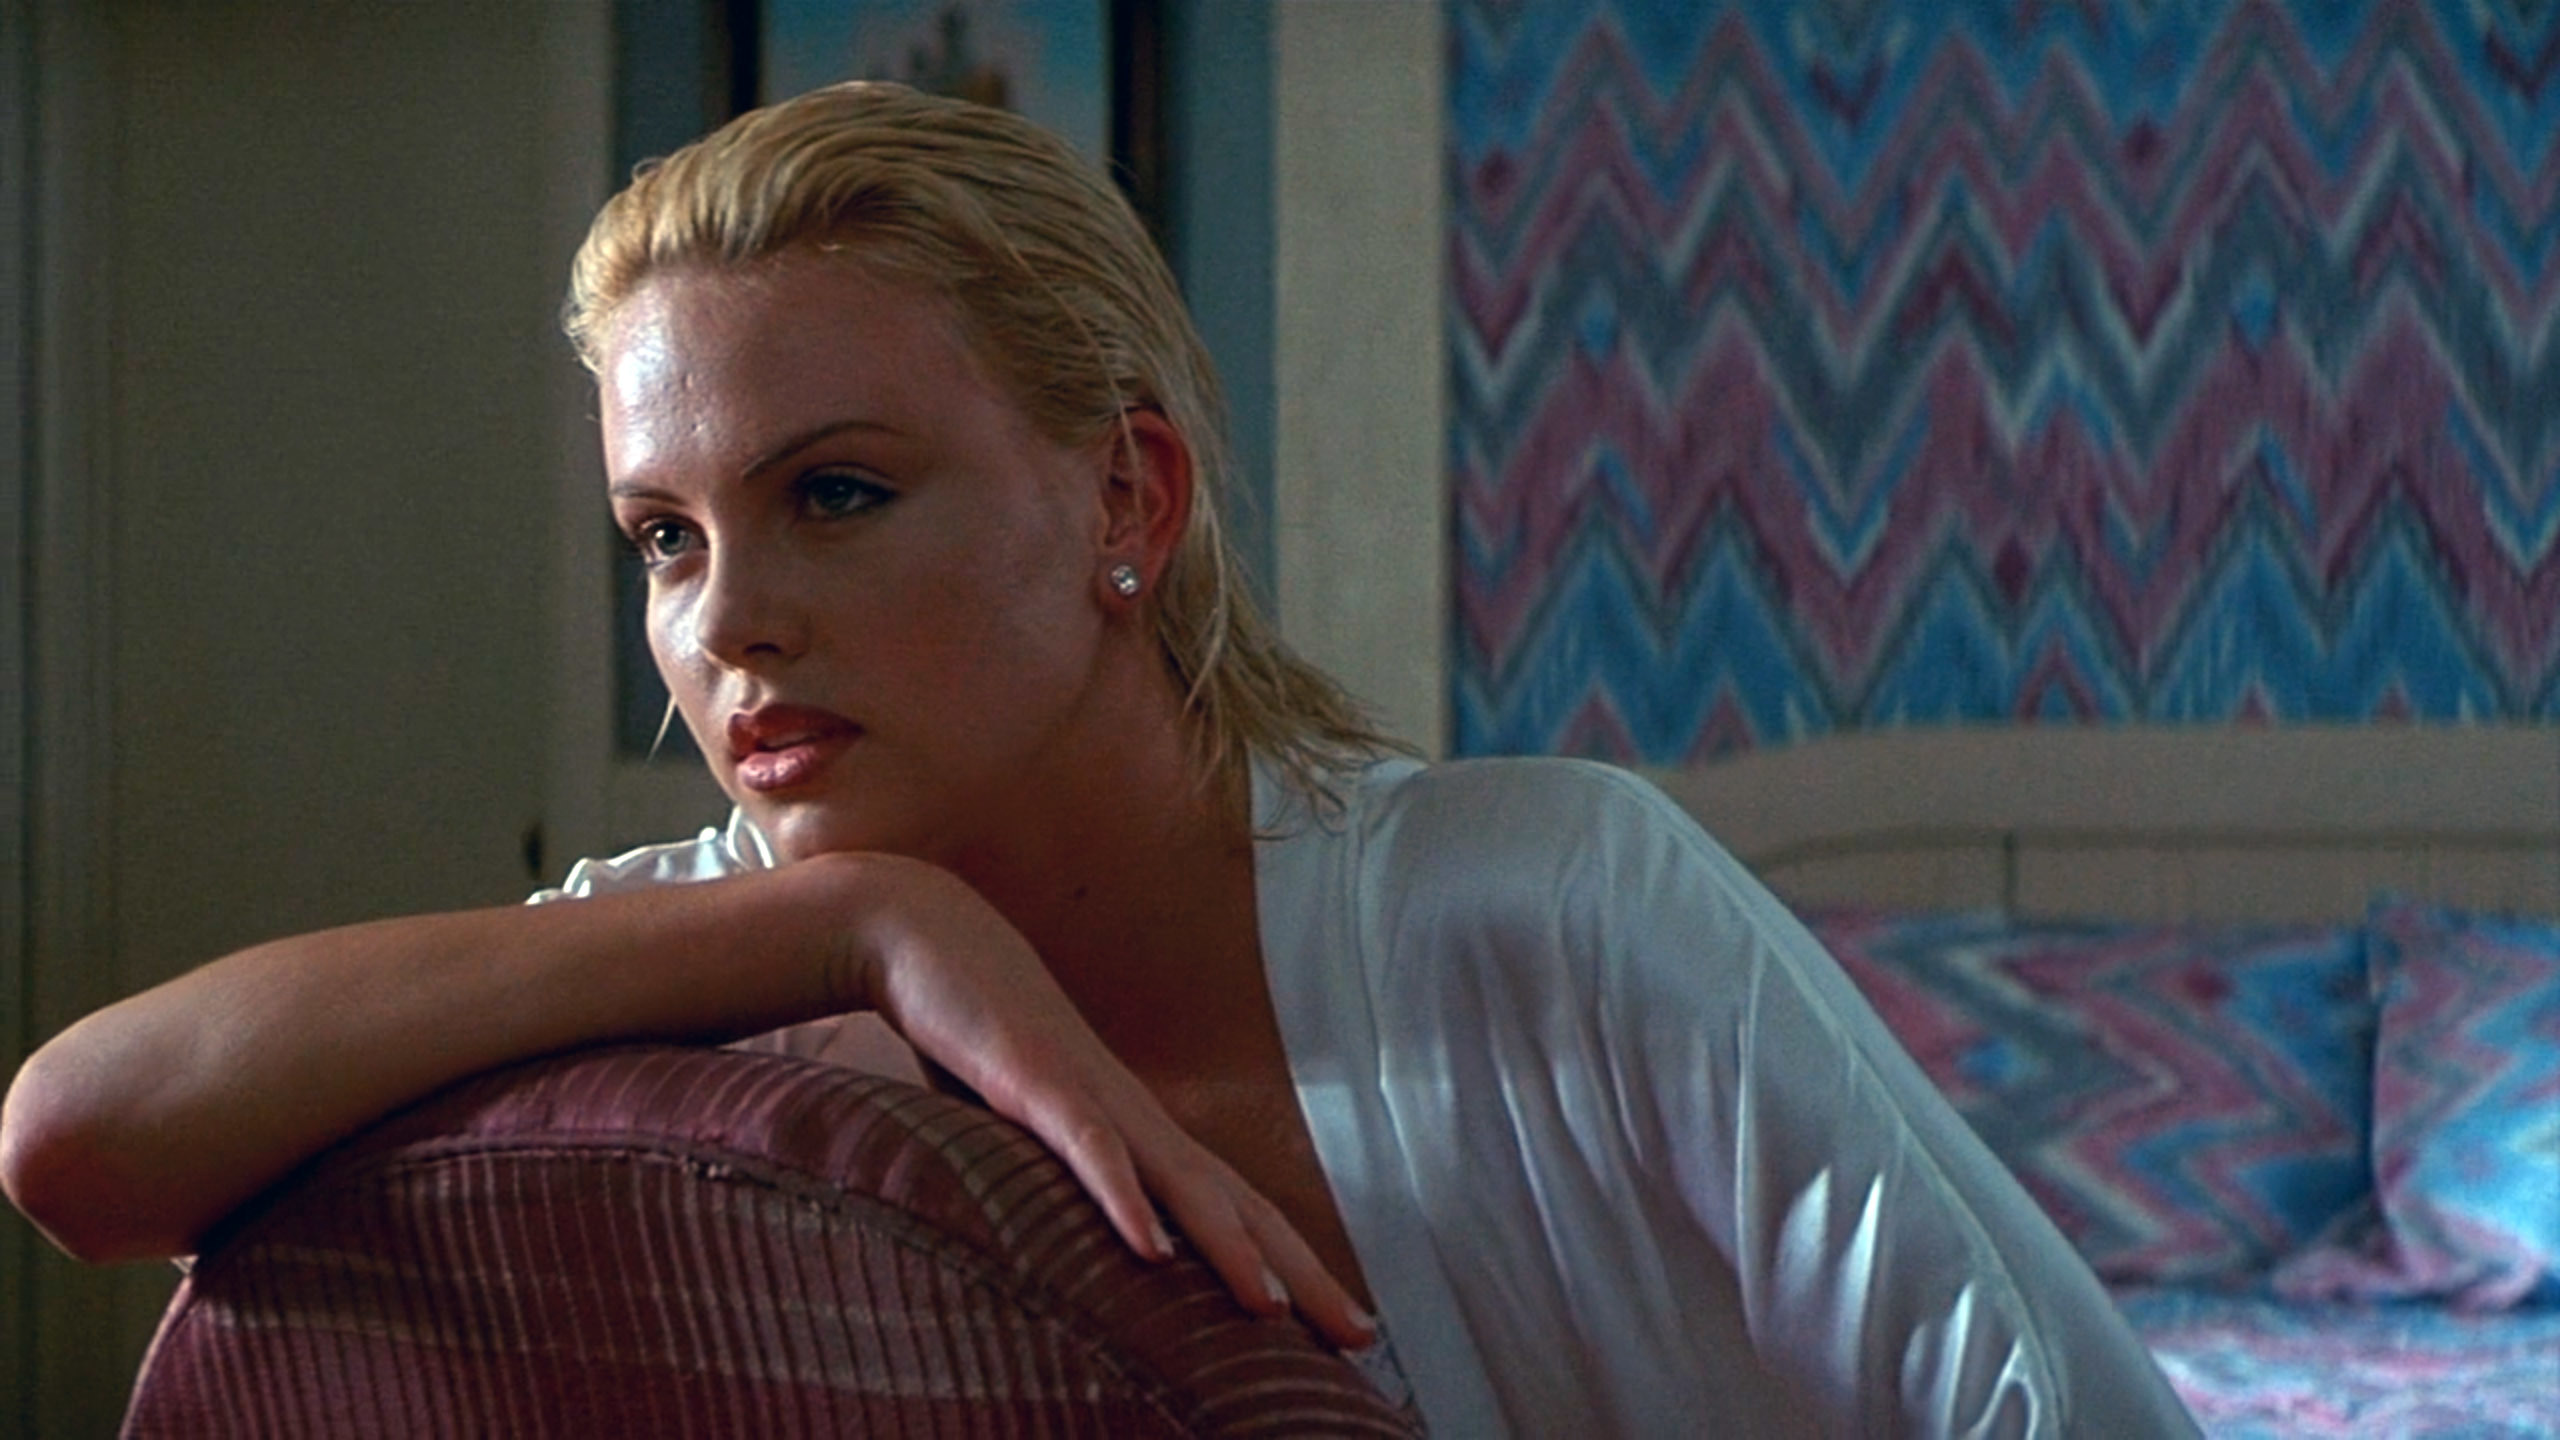 シャーリーズ・セロン(Charlize Theron)「2 days トゥー・デイズ」(1996)・・・其の弐_e0042361_20451863.jpg